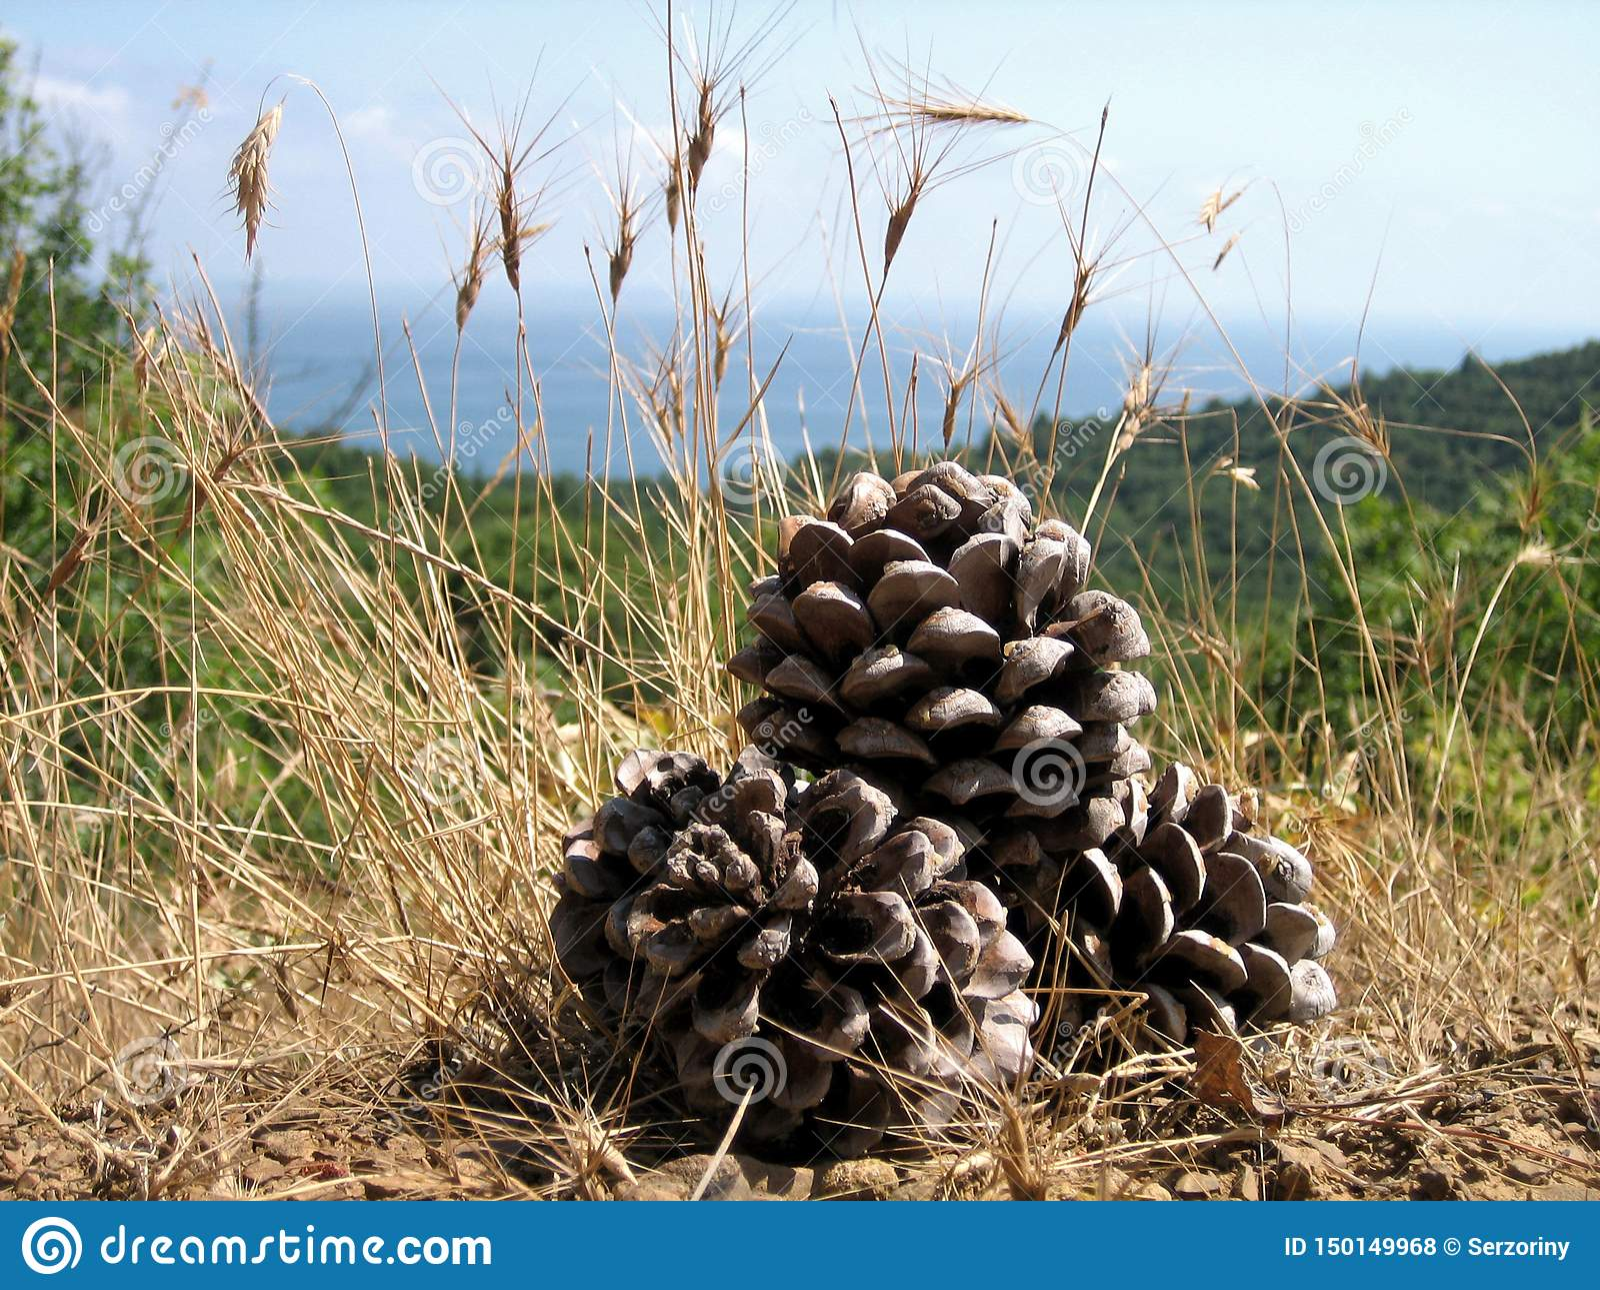 Wielka sosna konusuje pod południowym słońcem na suchej trawie na tle zwarci lasy, błękitny morze i niebieskie niebo,